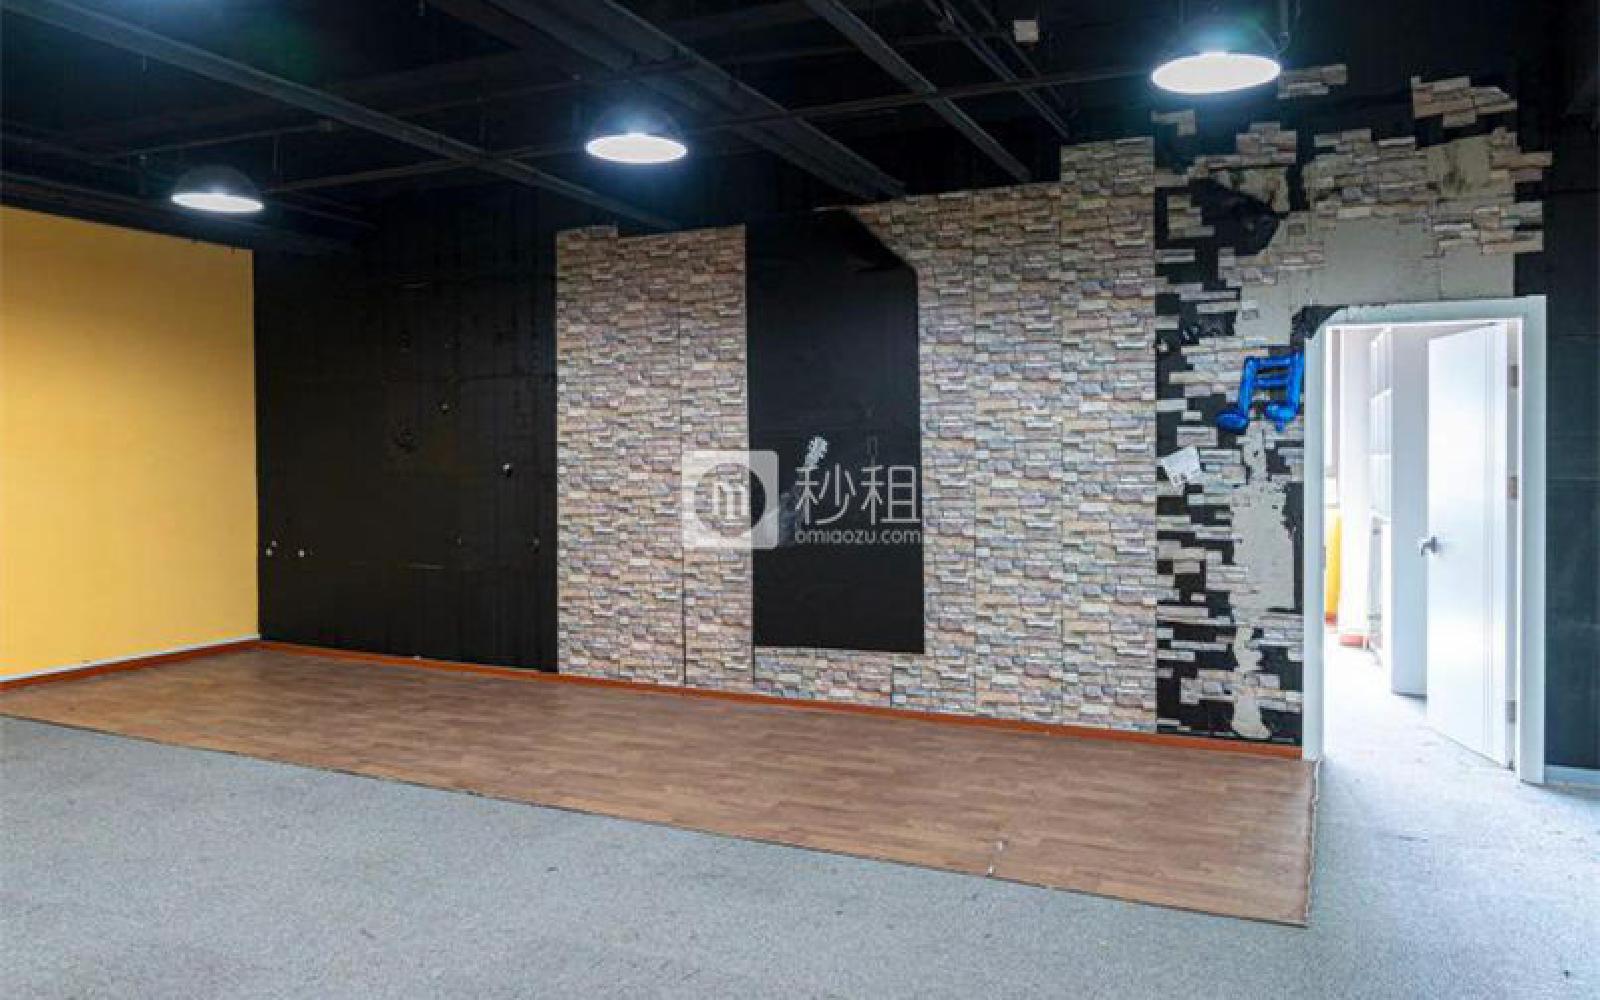 龙冠商务中心银座-乐邦乐成创业基地写字楼出租145平米简装办公室5.2元/m².天